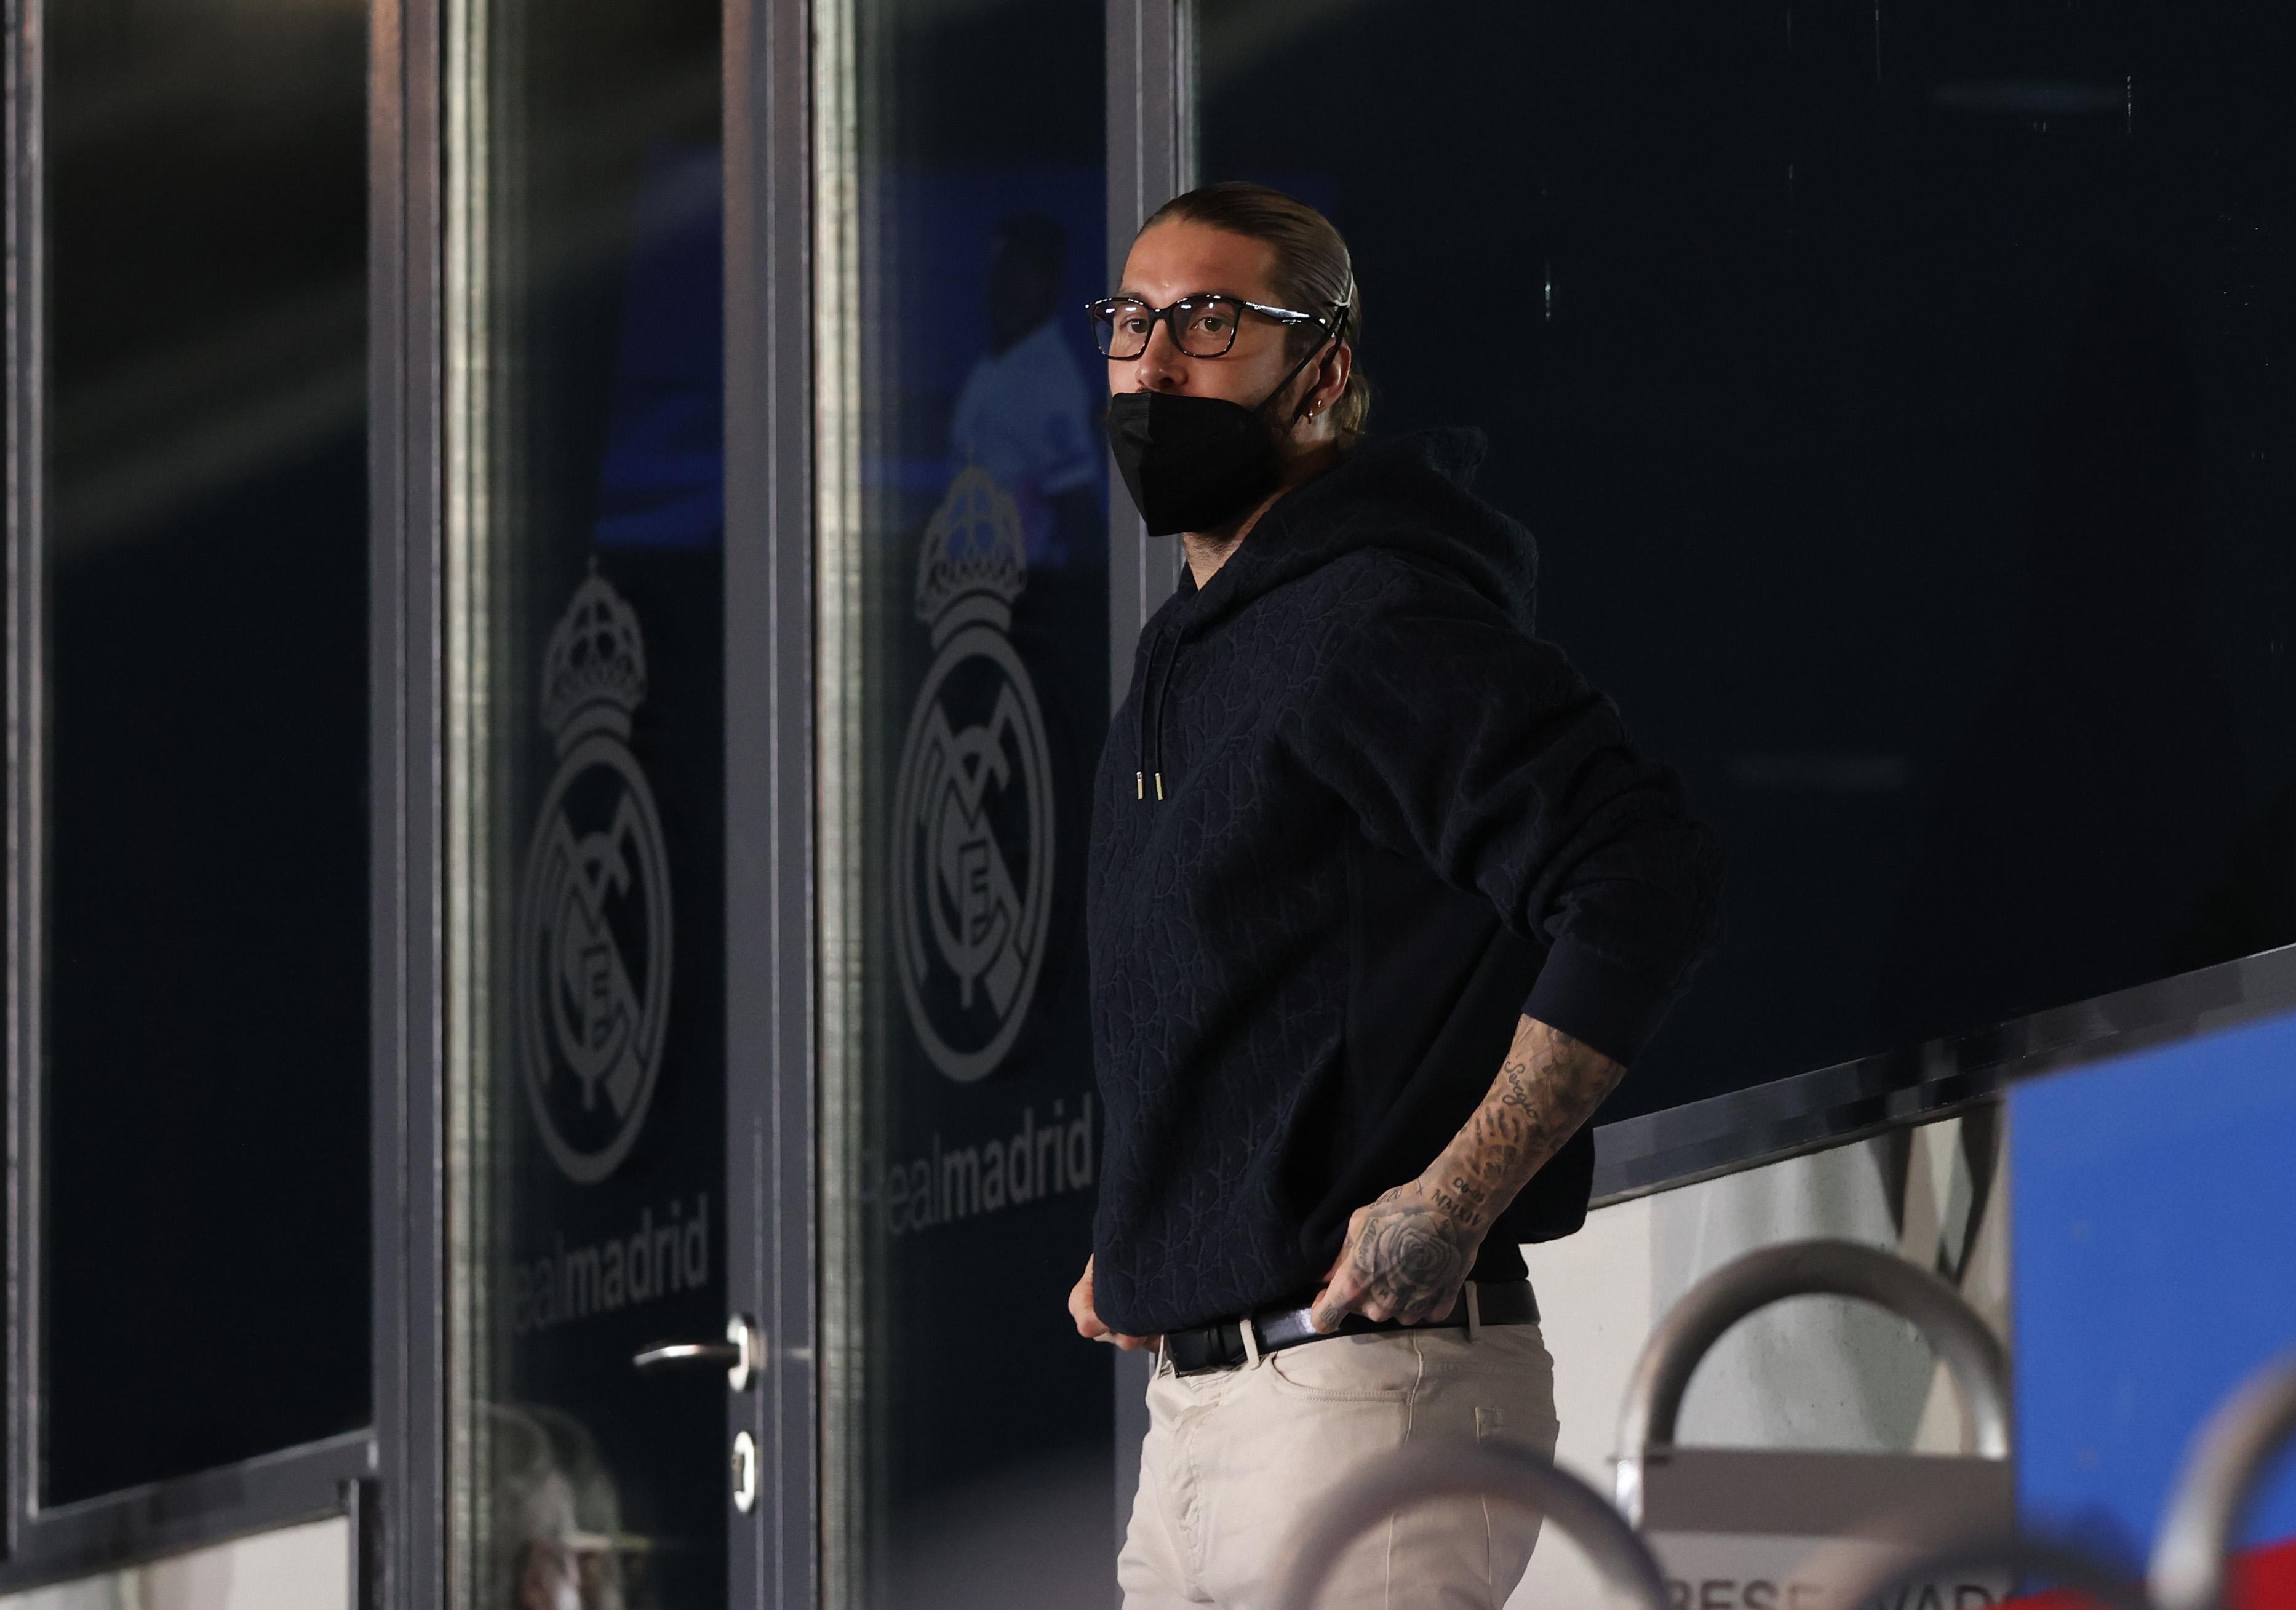 Sergio Ramos a fost testat pozitiv la COVID-19! Anunțul făcut de Real Madrid